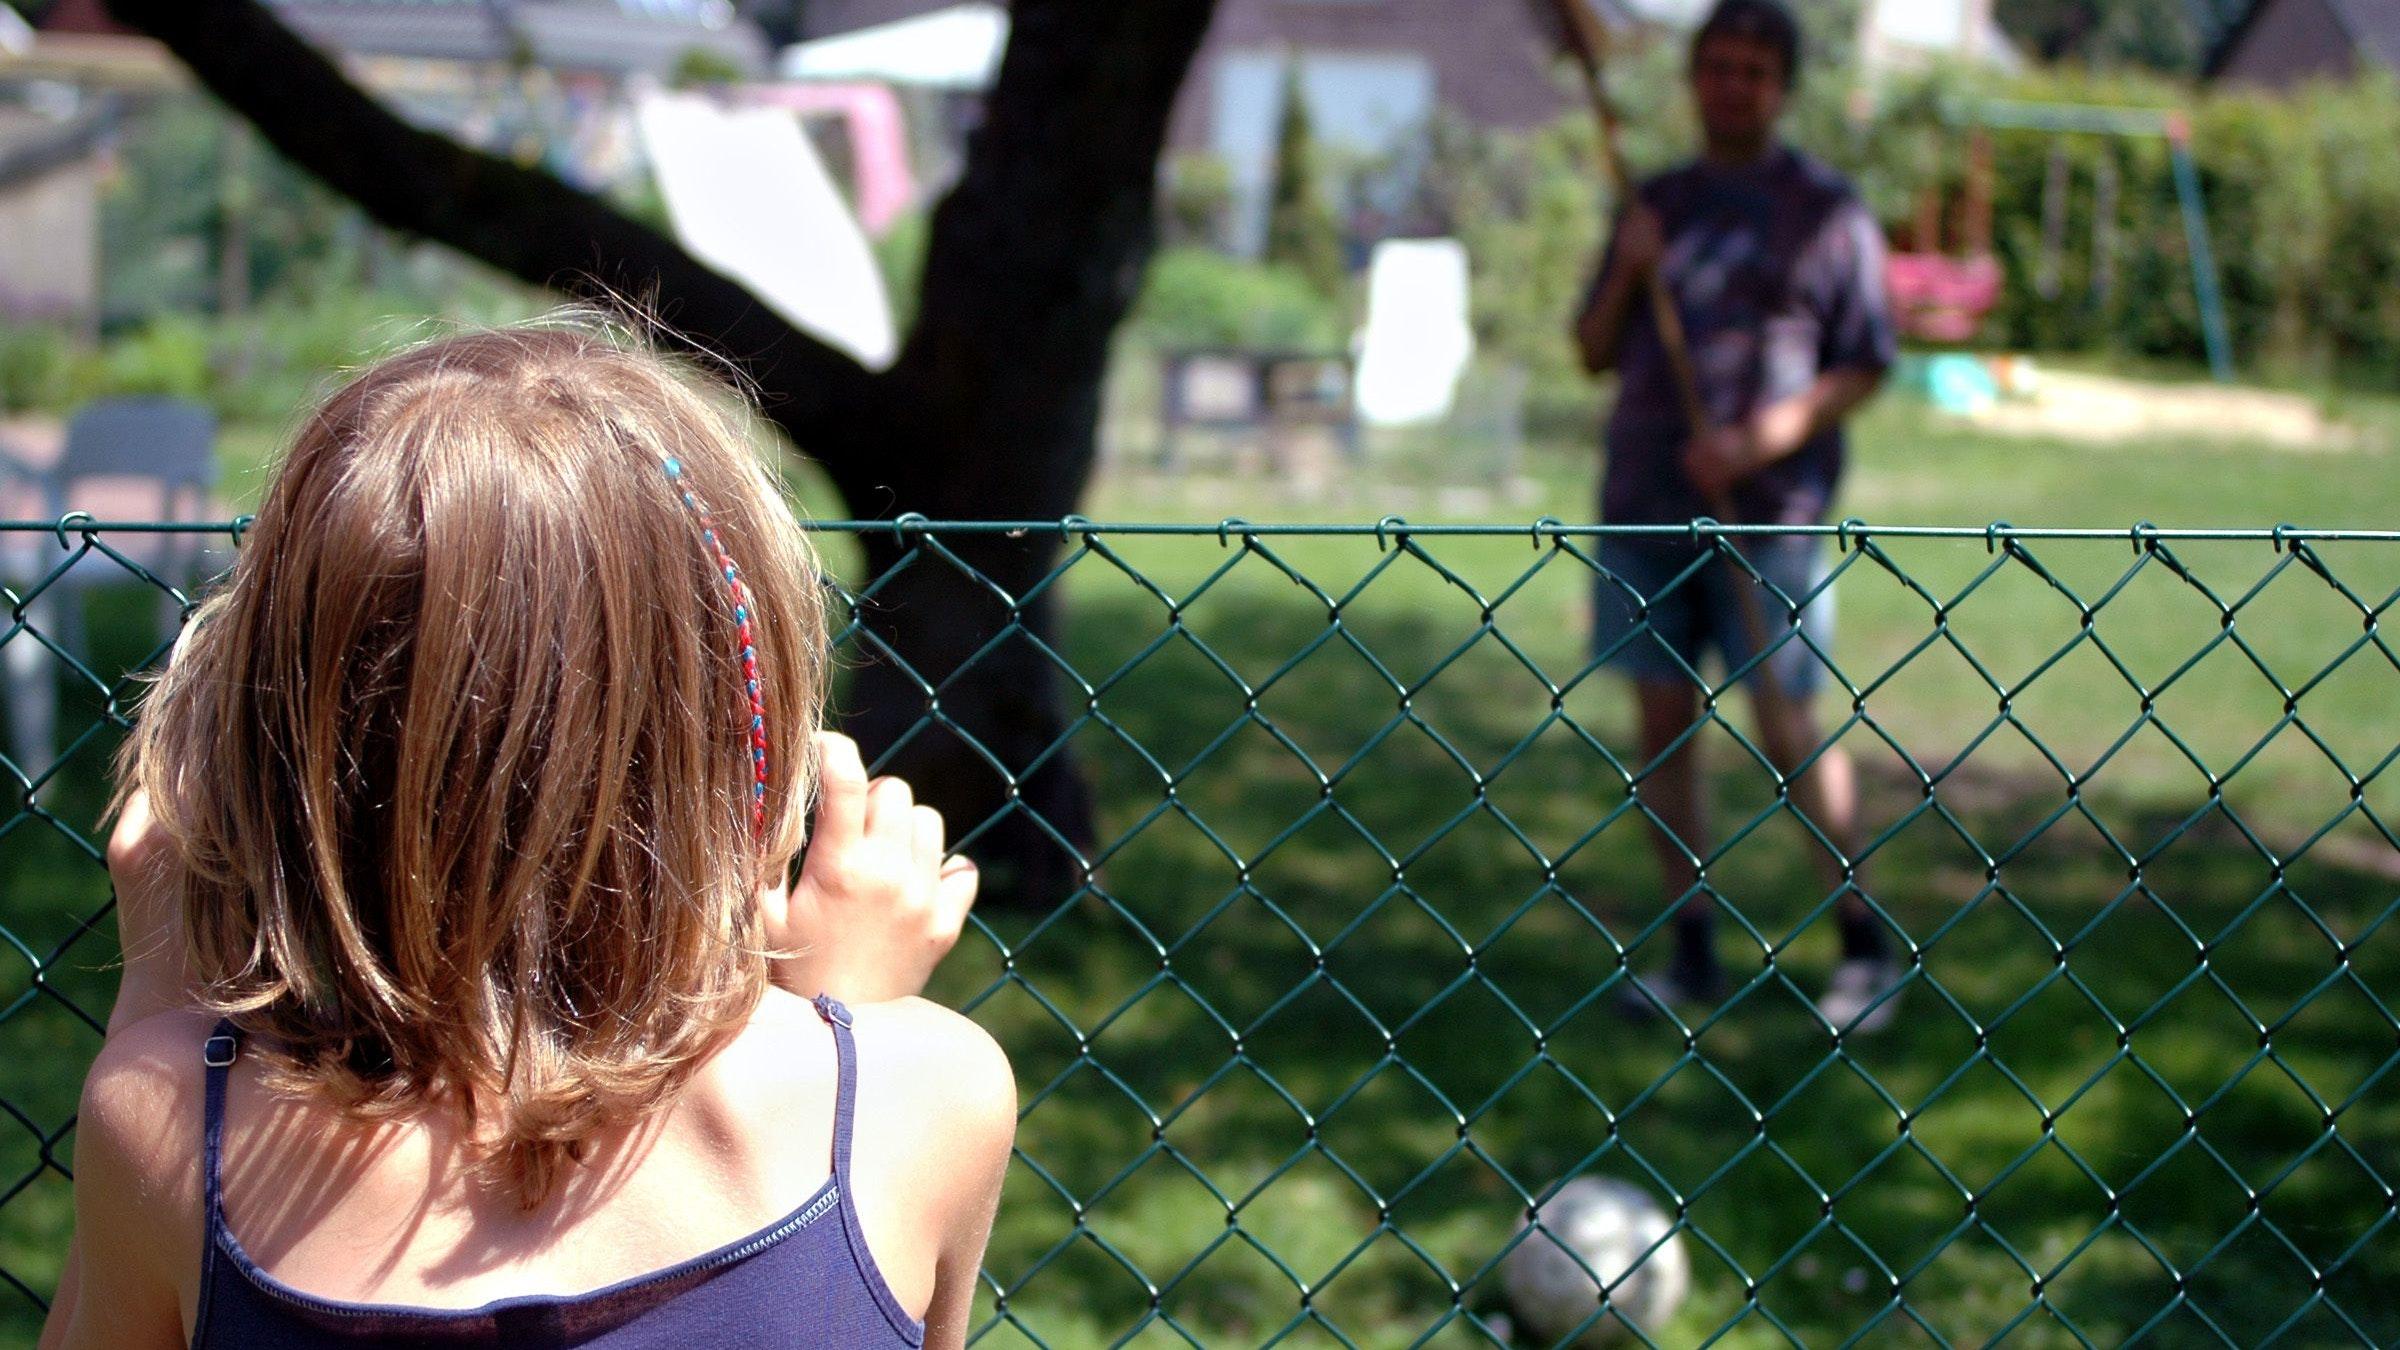 Streit zwischen Nachbarn: Wieder ist der Ball drüben – manch Bürger zieht wegen derartiger Vorfälle irgendwann vor Gericht. Symbolfoto: dpa/Schierenbeck